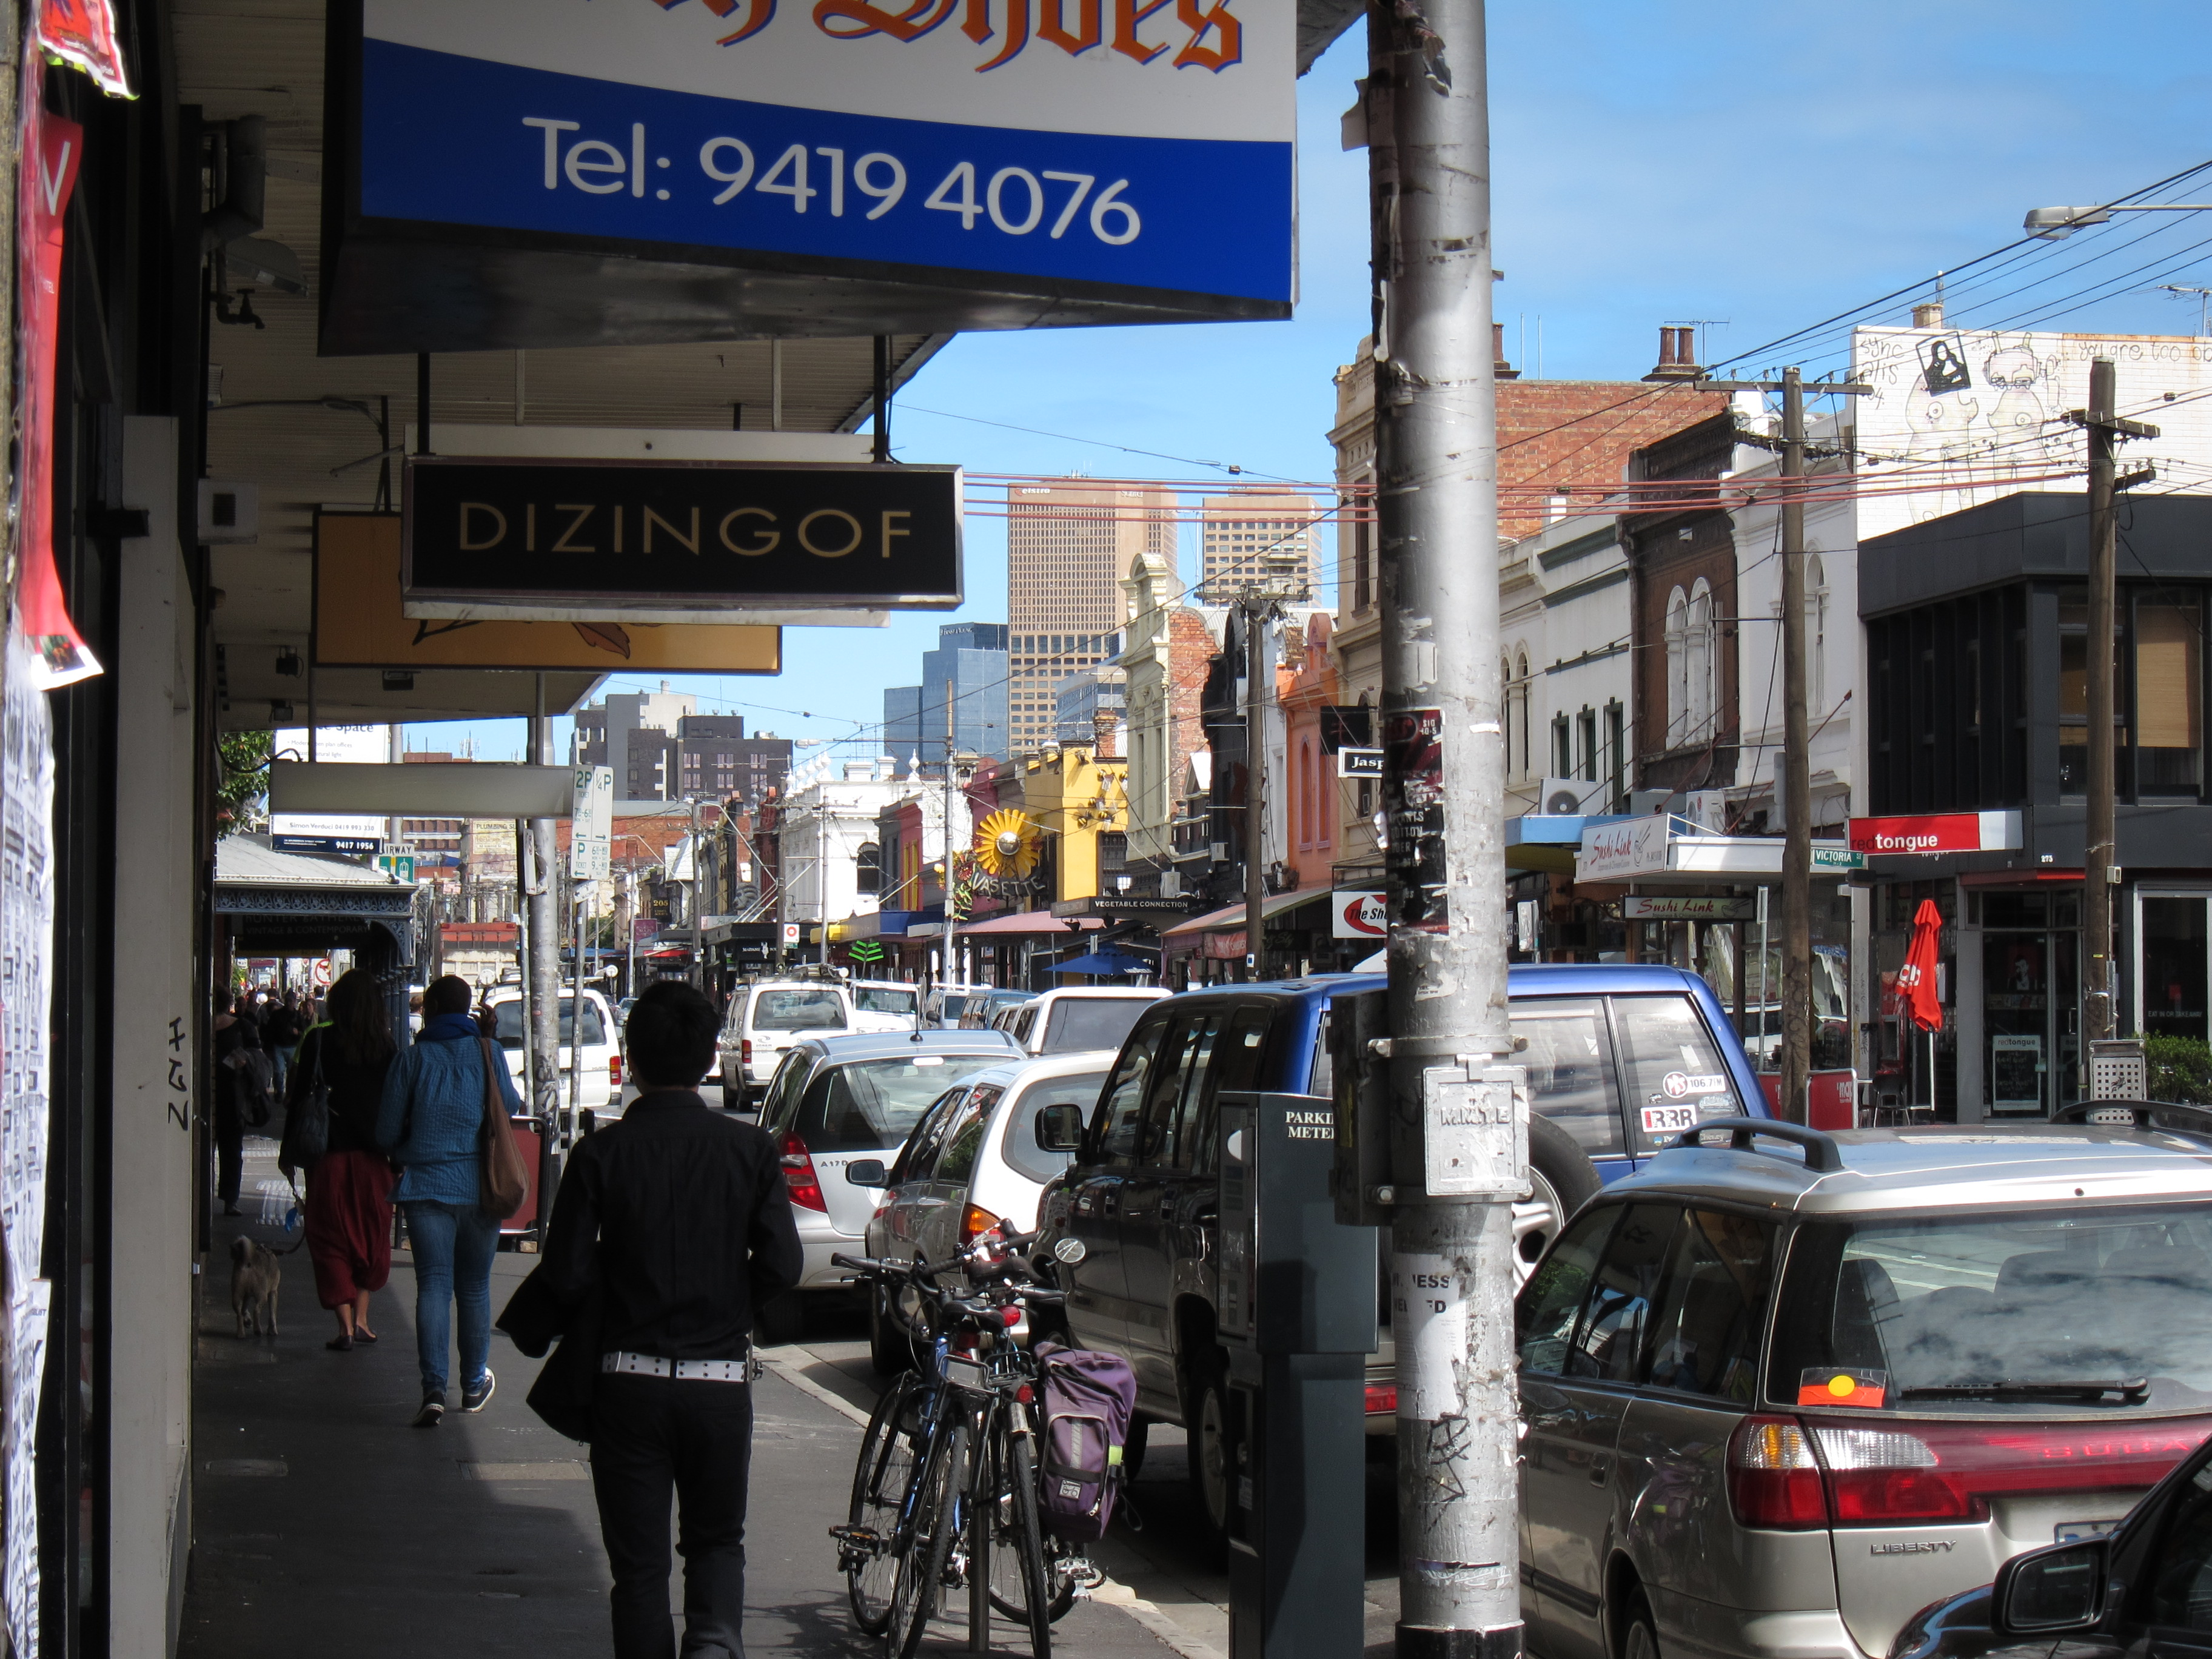 Born to love Melbourne